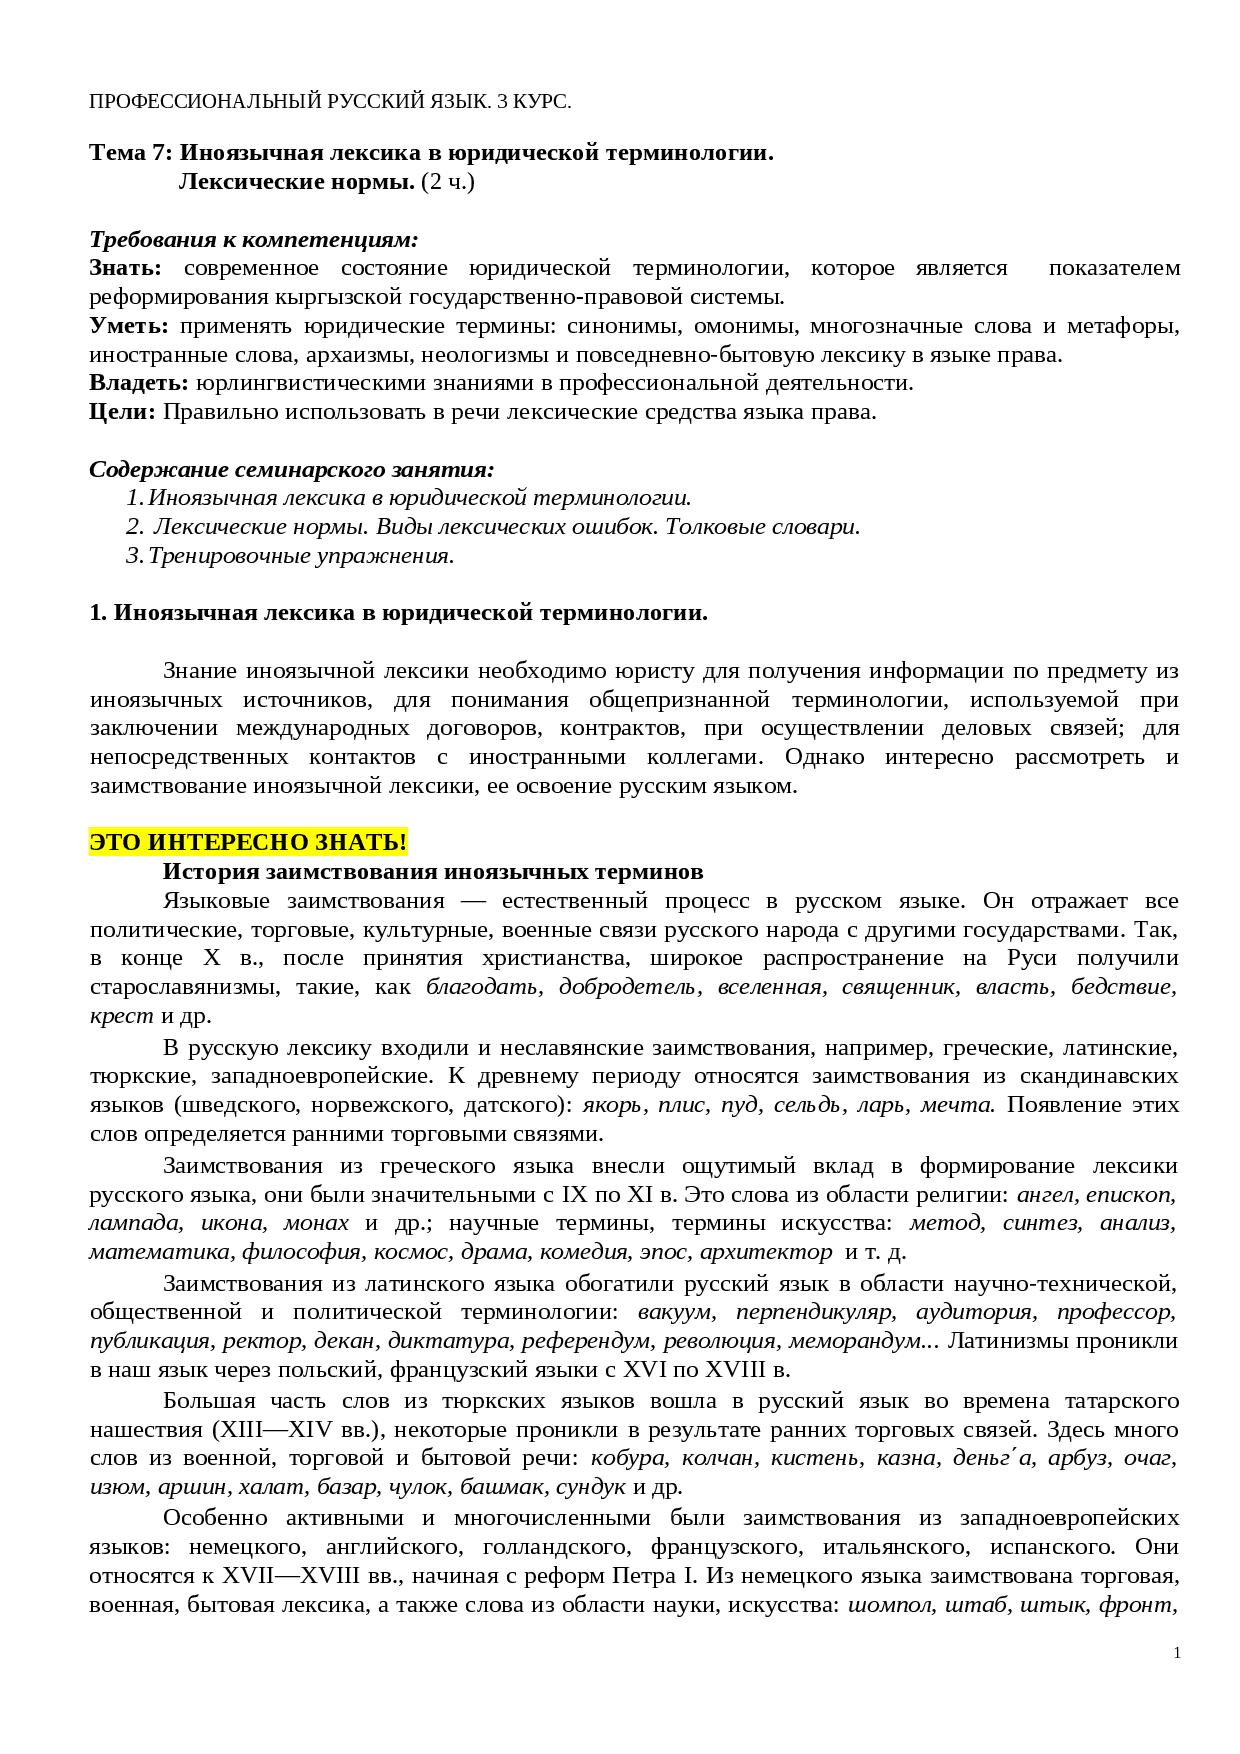 Профессионализмы: примеры и их значение